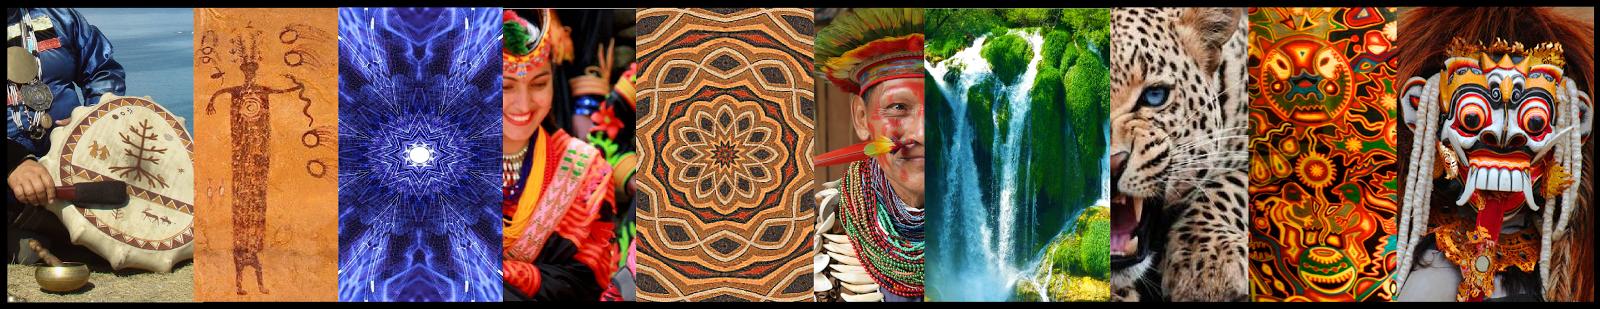 Исследования шаманизма, шаман практик шаманизма -  шаманы Аяуаски